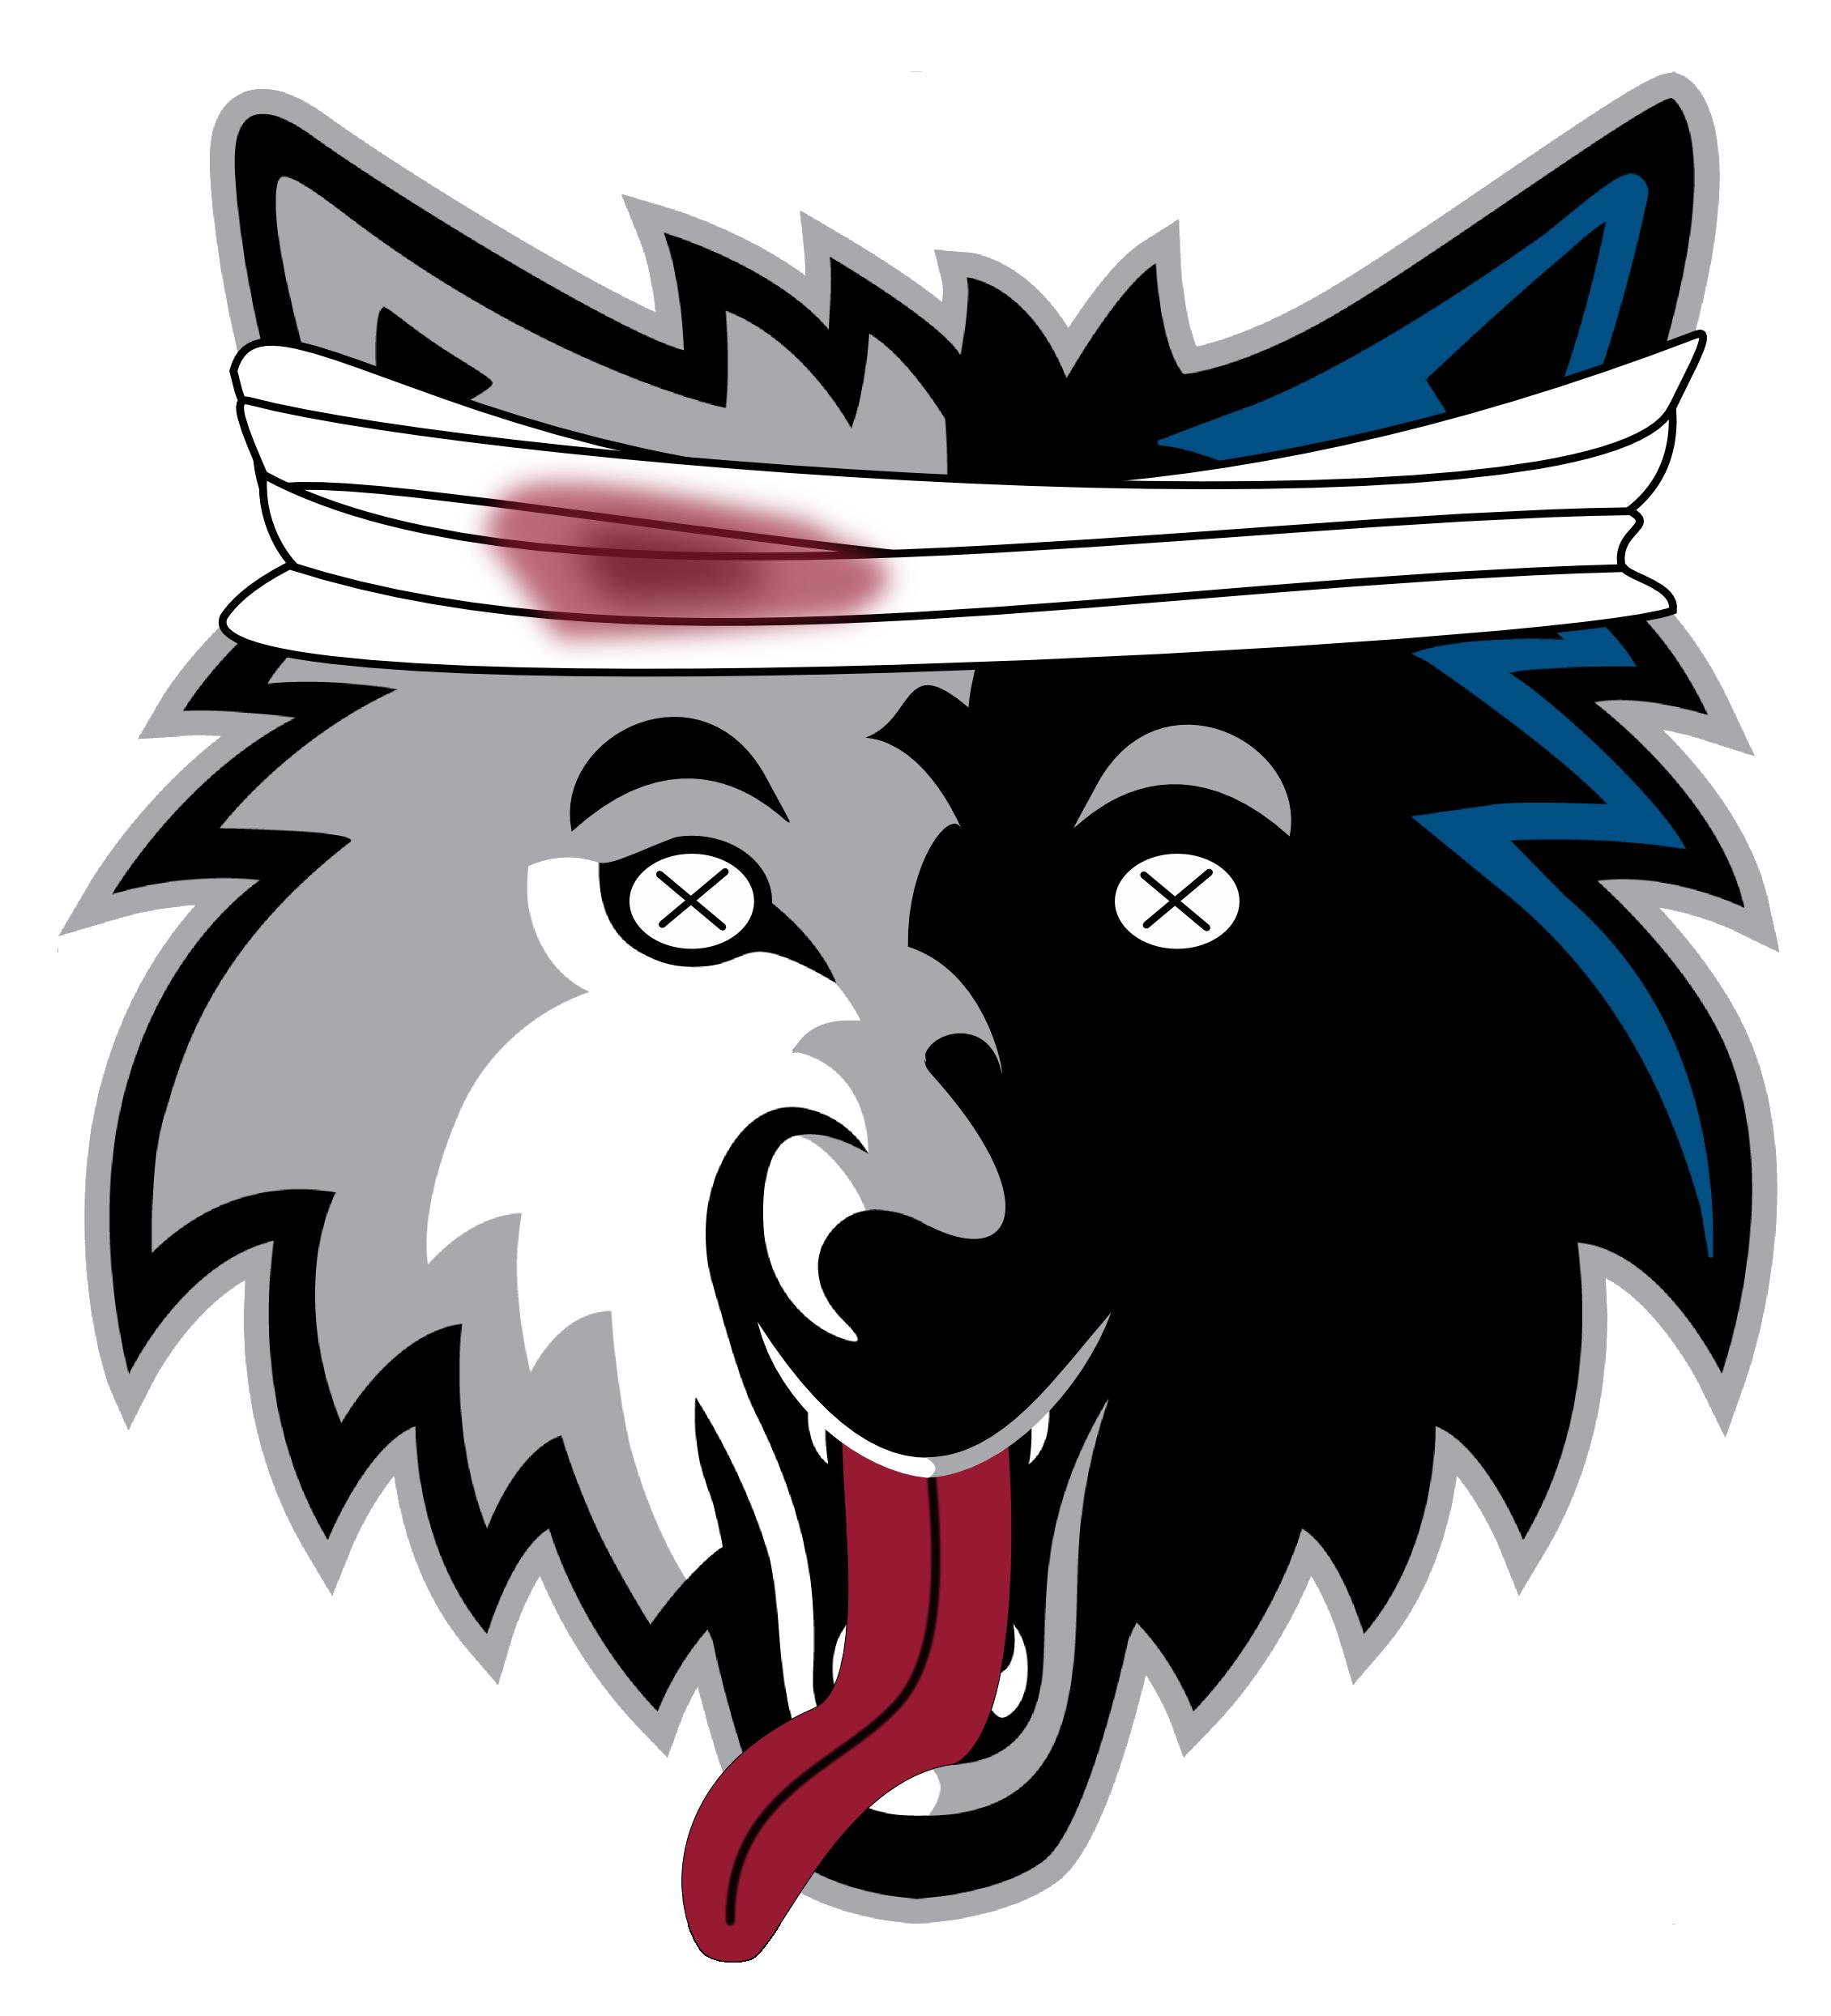 Download PNG image - Timberwolves Logo P-Download PNG image - Timberwolves Logo Png Clipart 470-2